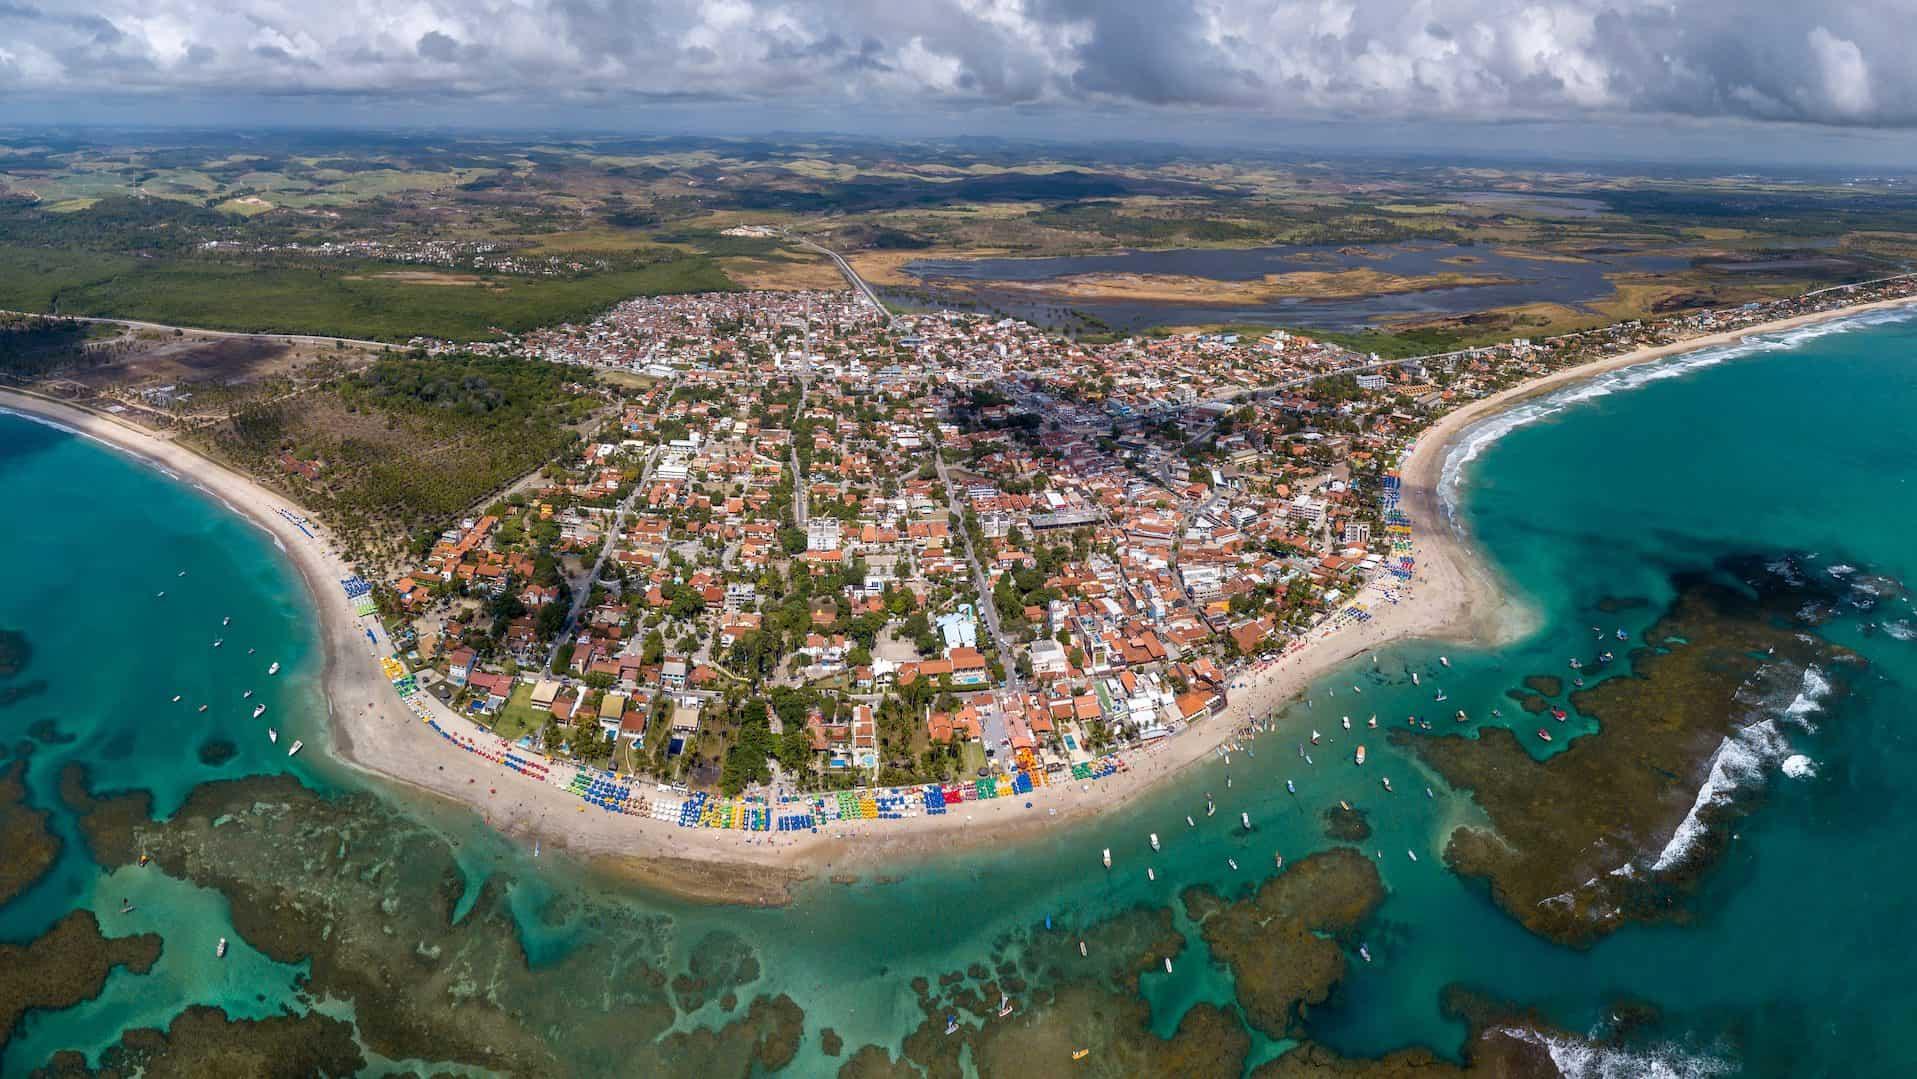 Porto de Galinhas center